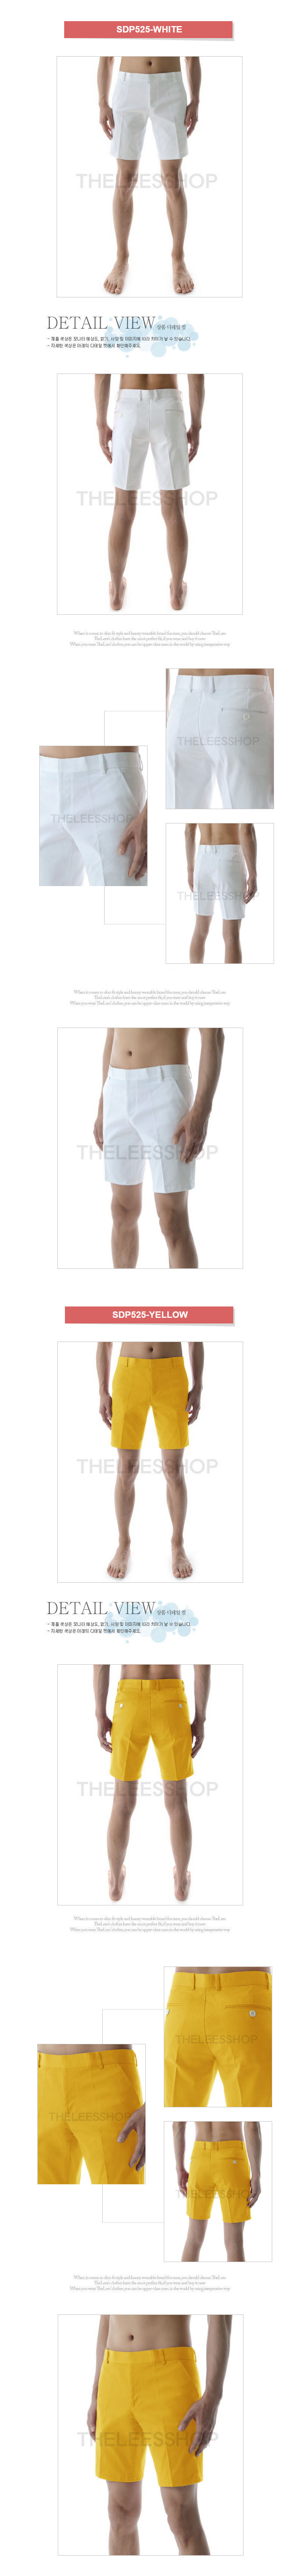 [ KOOLLOOK ] [ KoolLook ]夏天淡季短裤 SDP525